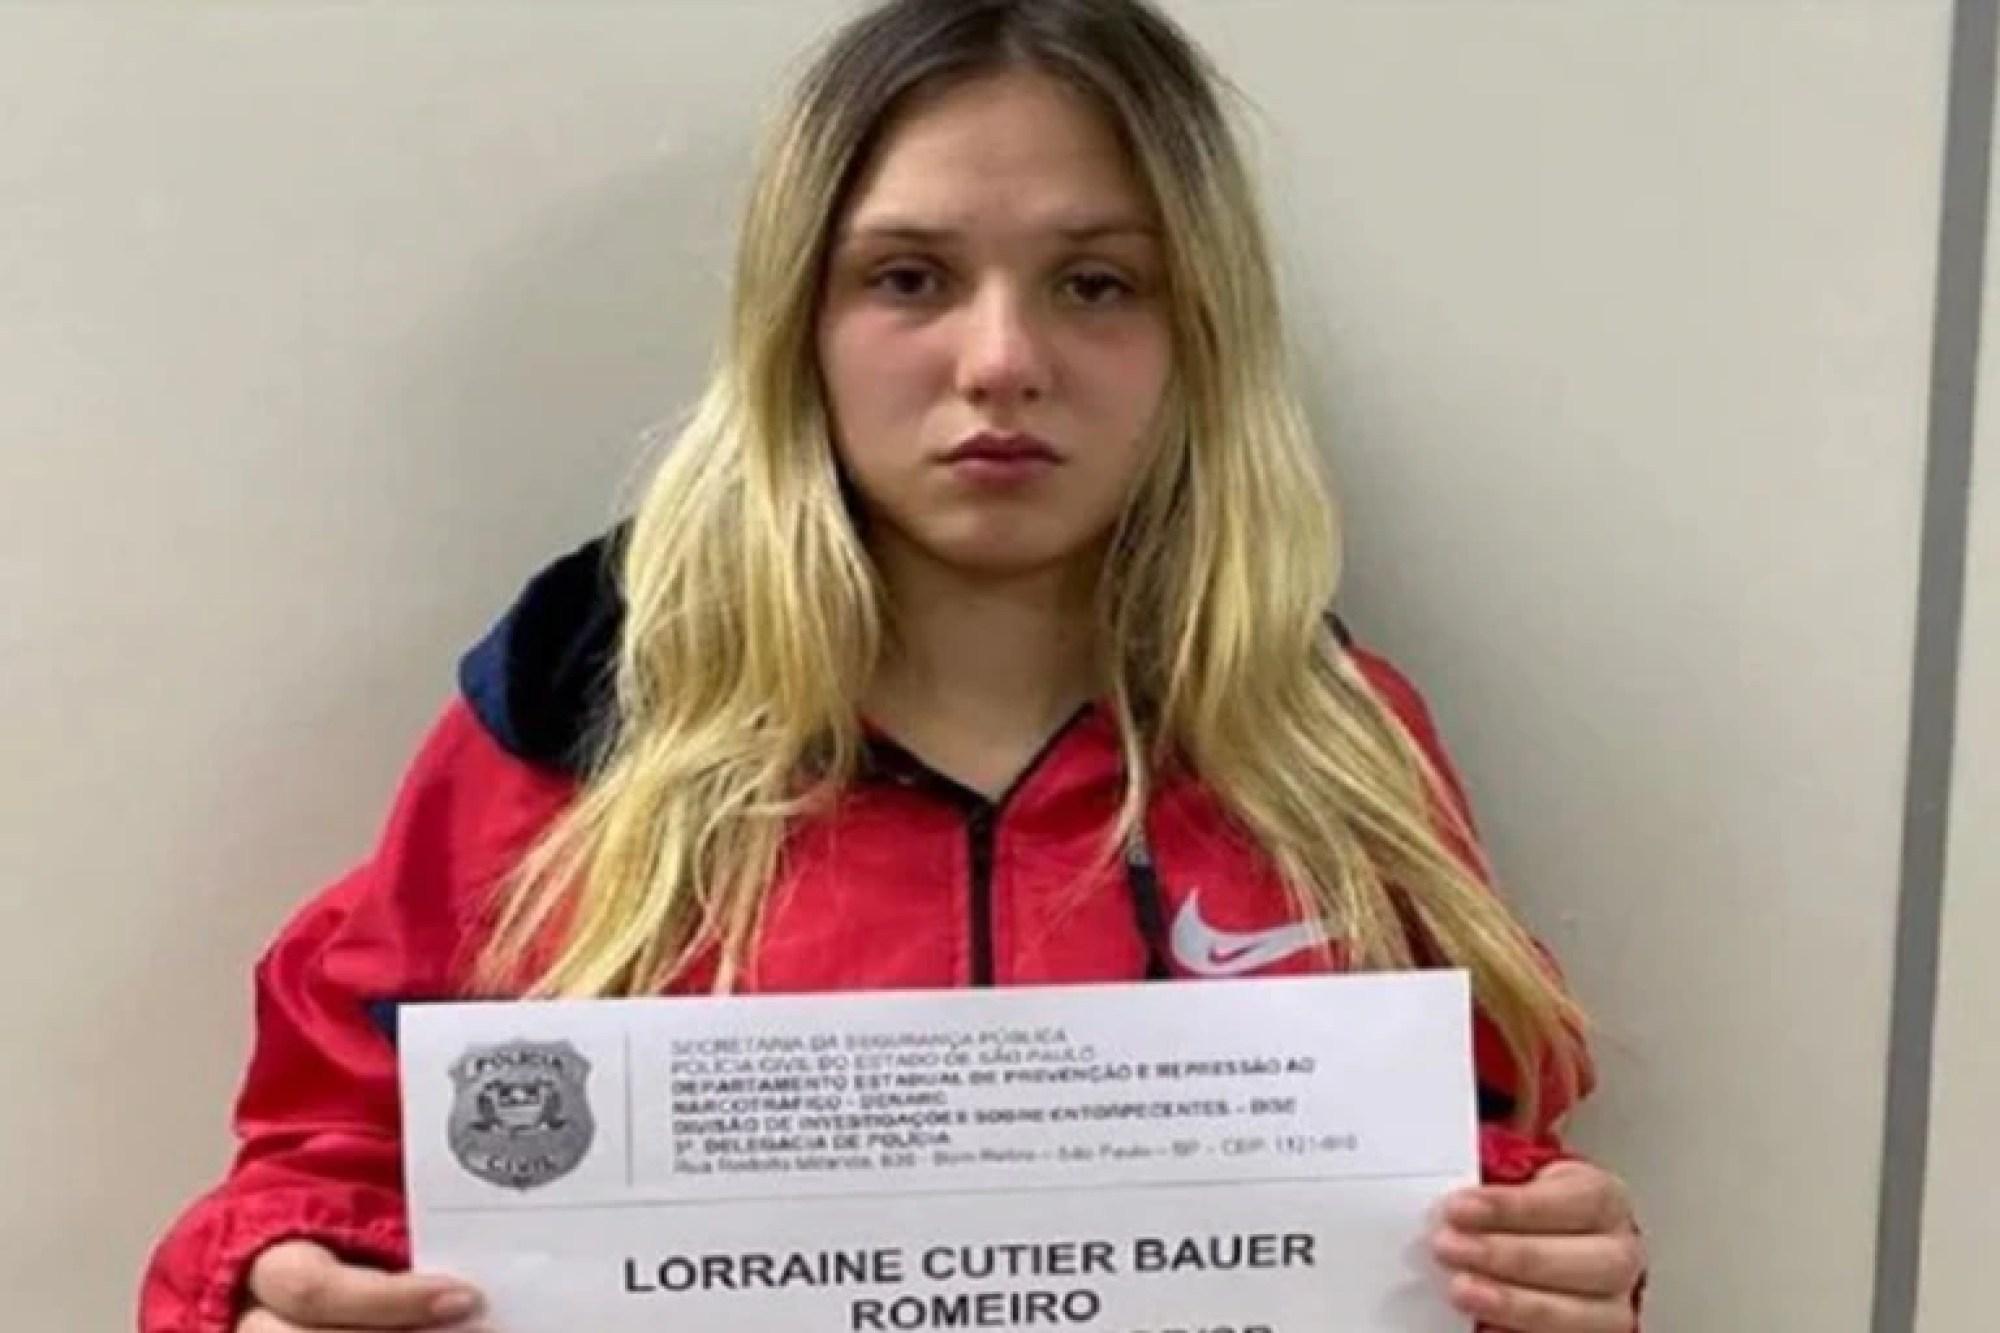 La joven asegura que es inocente a pesar de que la Policía tiene una filmación en la que se la ve vendiendo droga